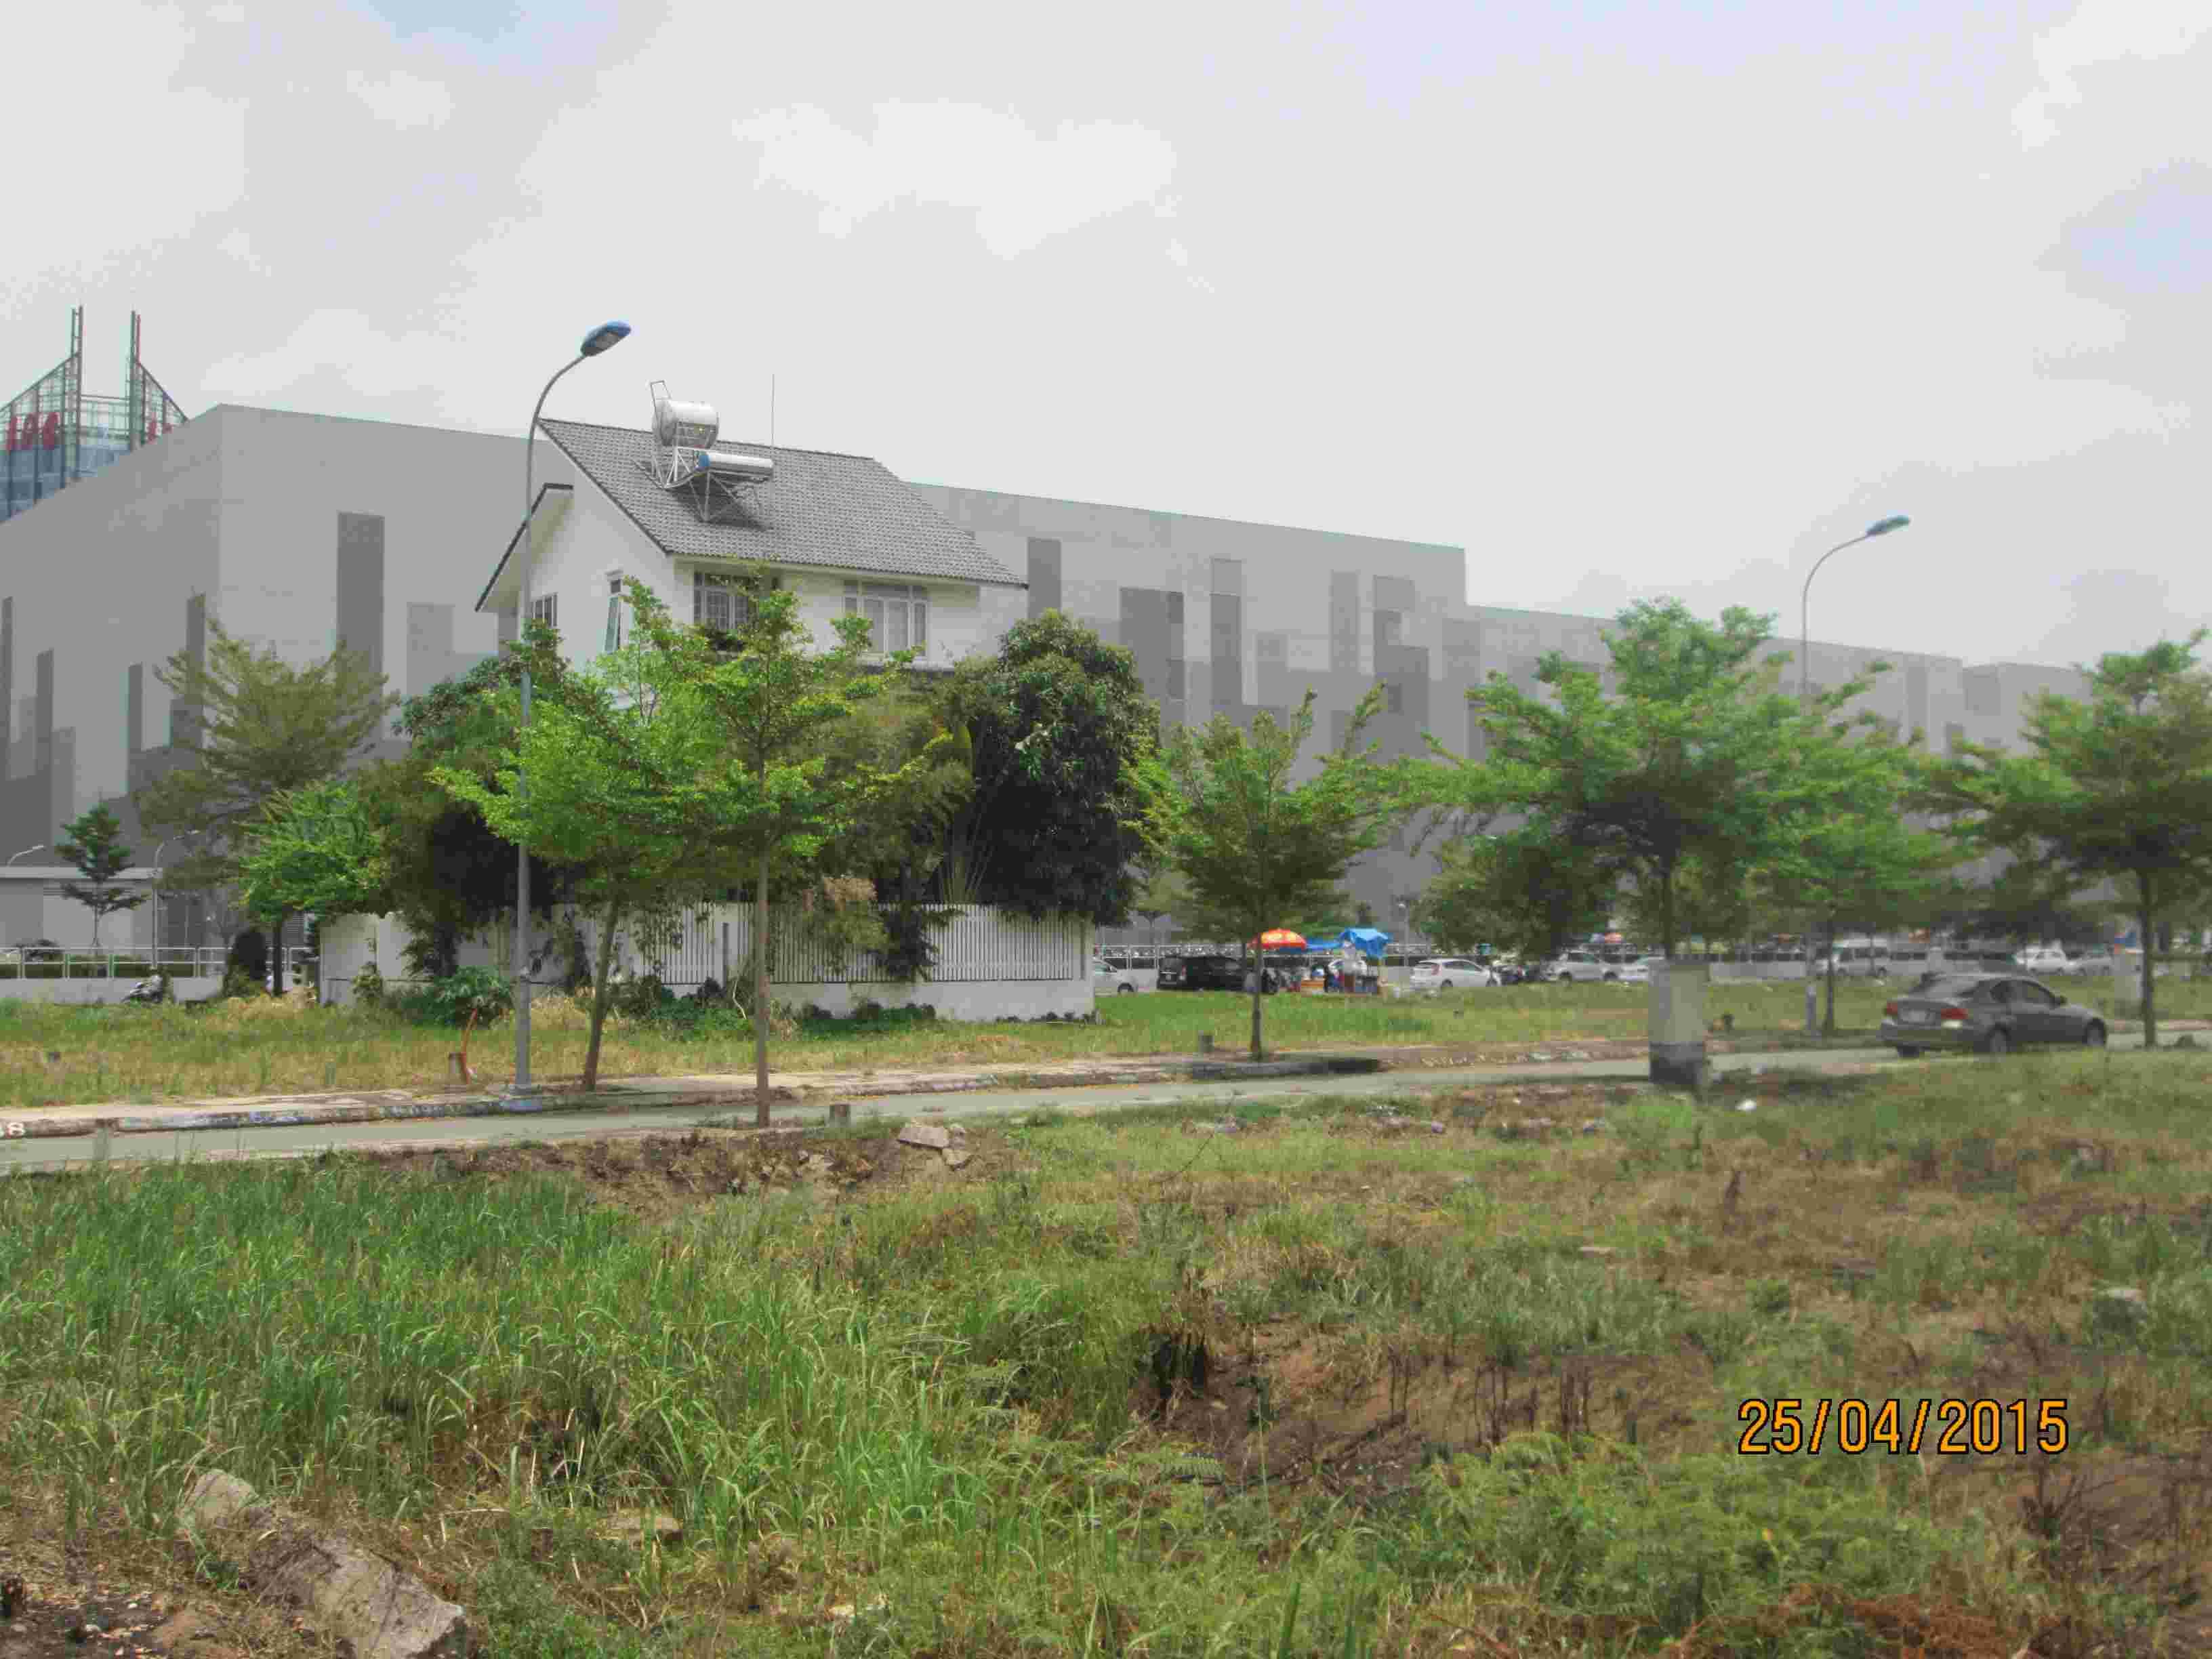 Bán đất dự án Thái Sơn 1 sổ đỏ giá 50 triệu/m2, nền B15, dt 250m2, mt đường 12m. LH: 0913.050.053  Mr Huynh.